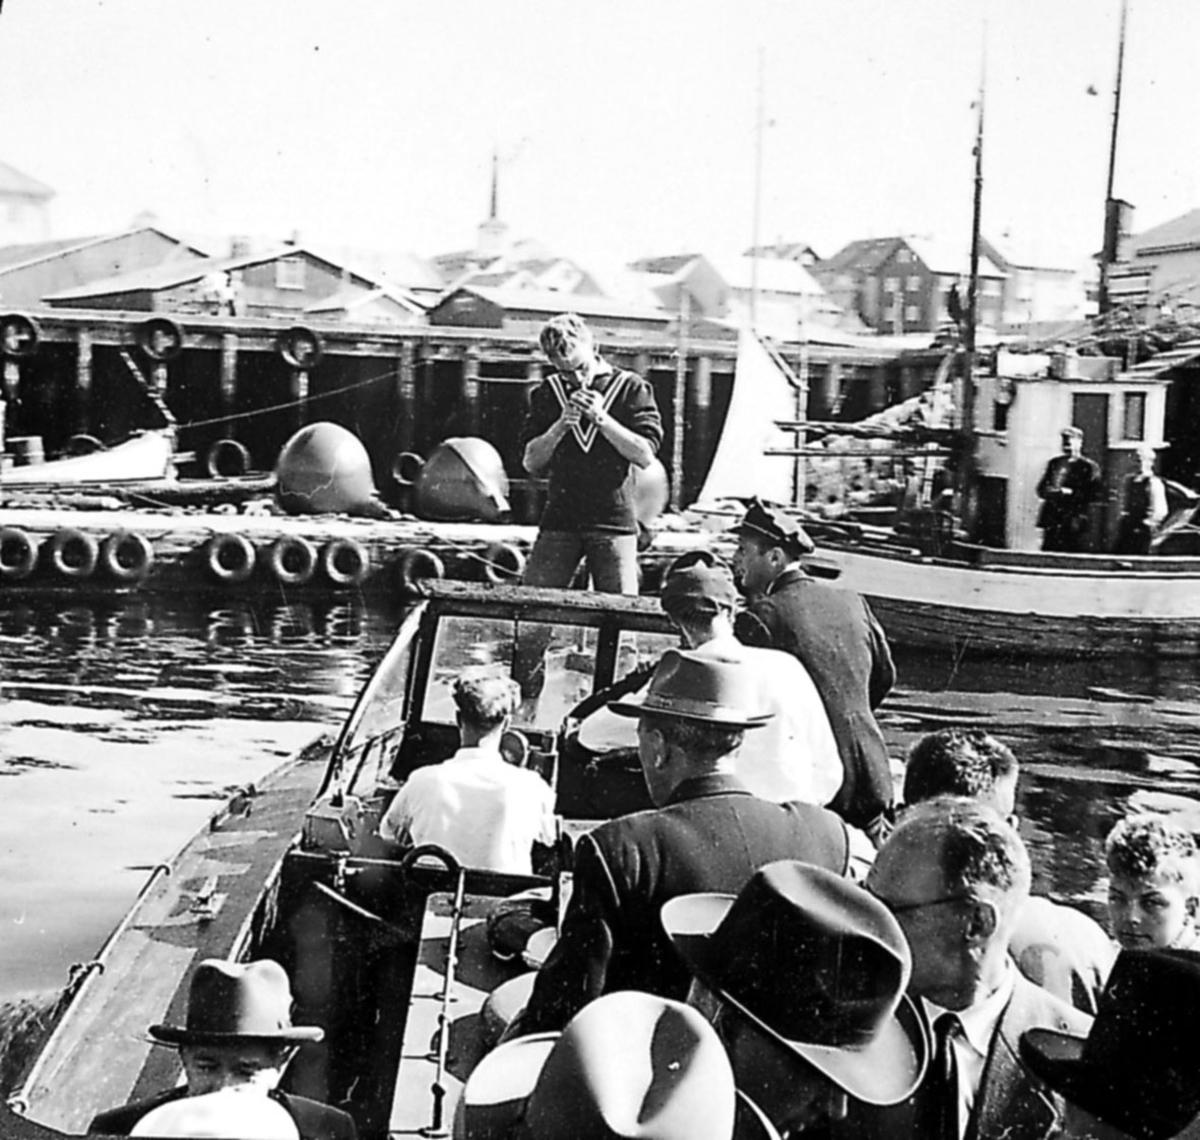 Portrett, flere personer ombord i fly-passasjerbåt, tilbringerbåt.  Kaianlegg og flere båter i bakgrunnen.